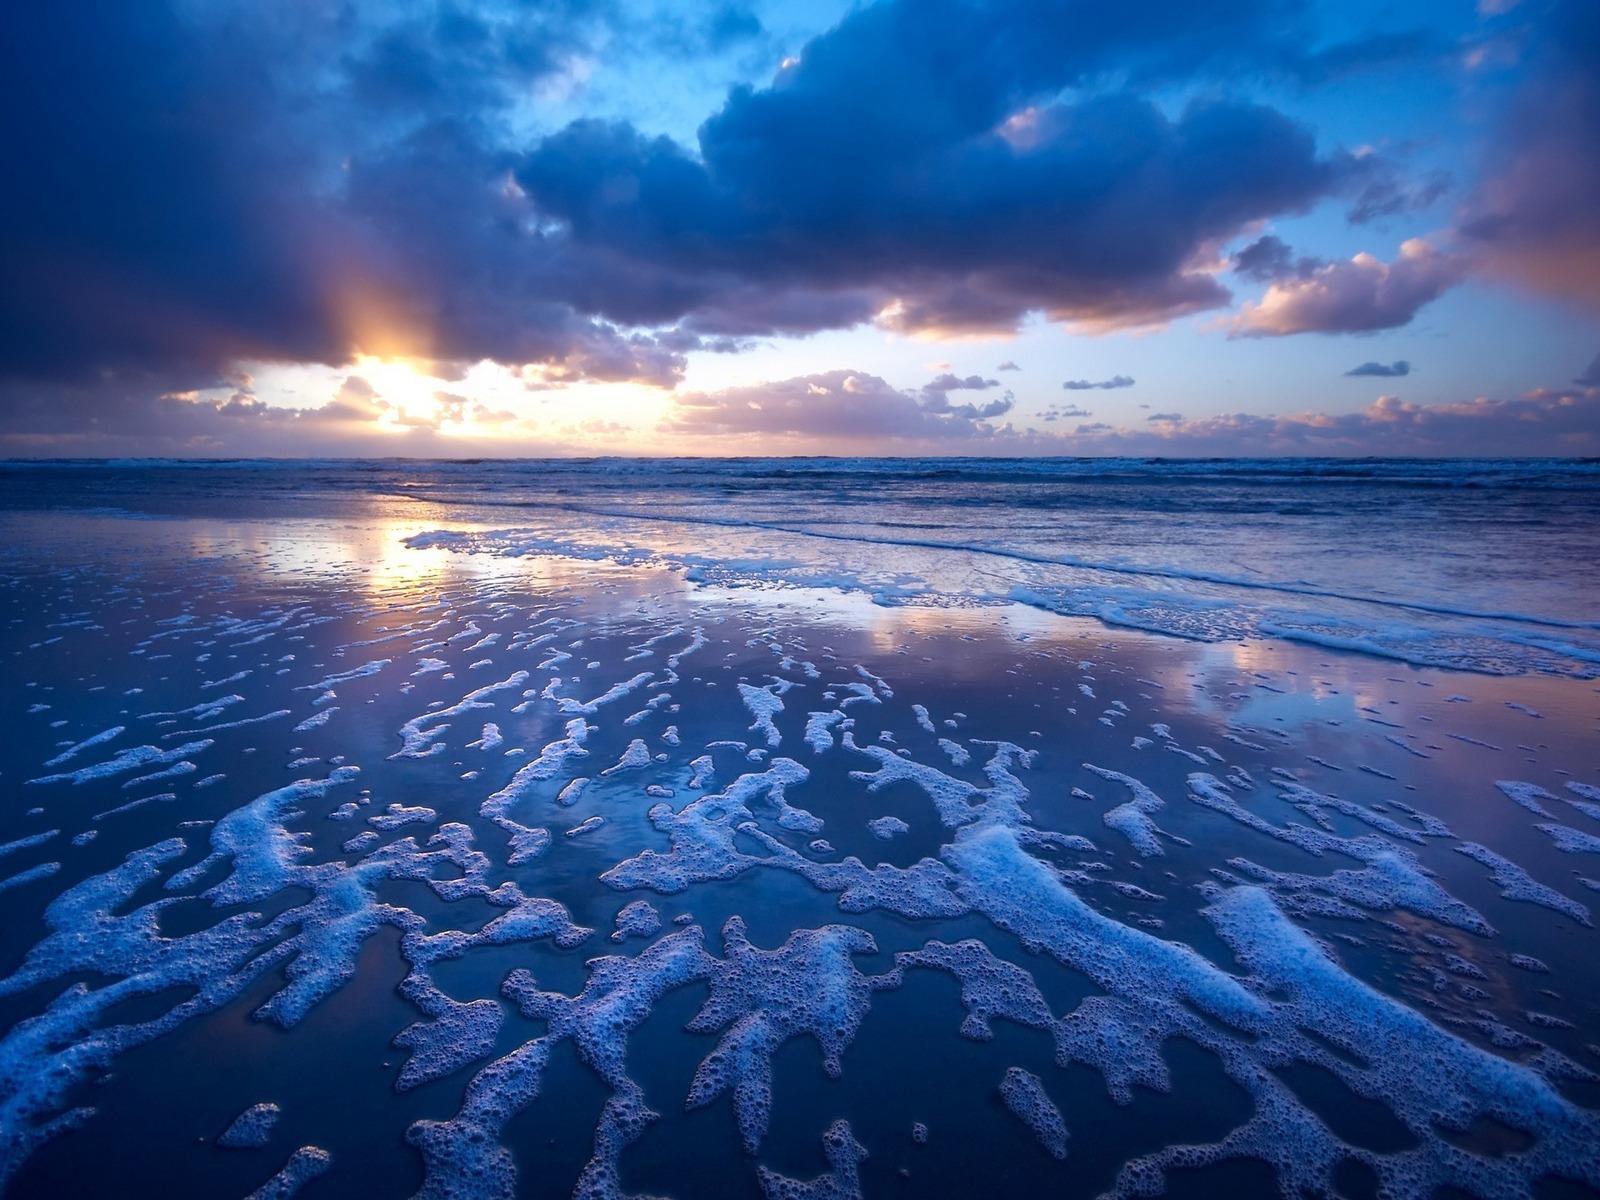 11574 скачать обои Пейзаж, Вода, Небо, Море, Облака, Пляж - заставки и картинки бесплатно